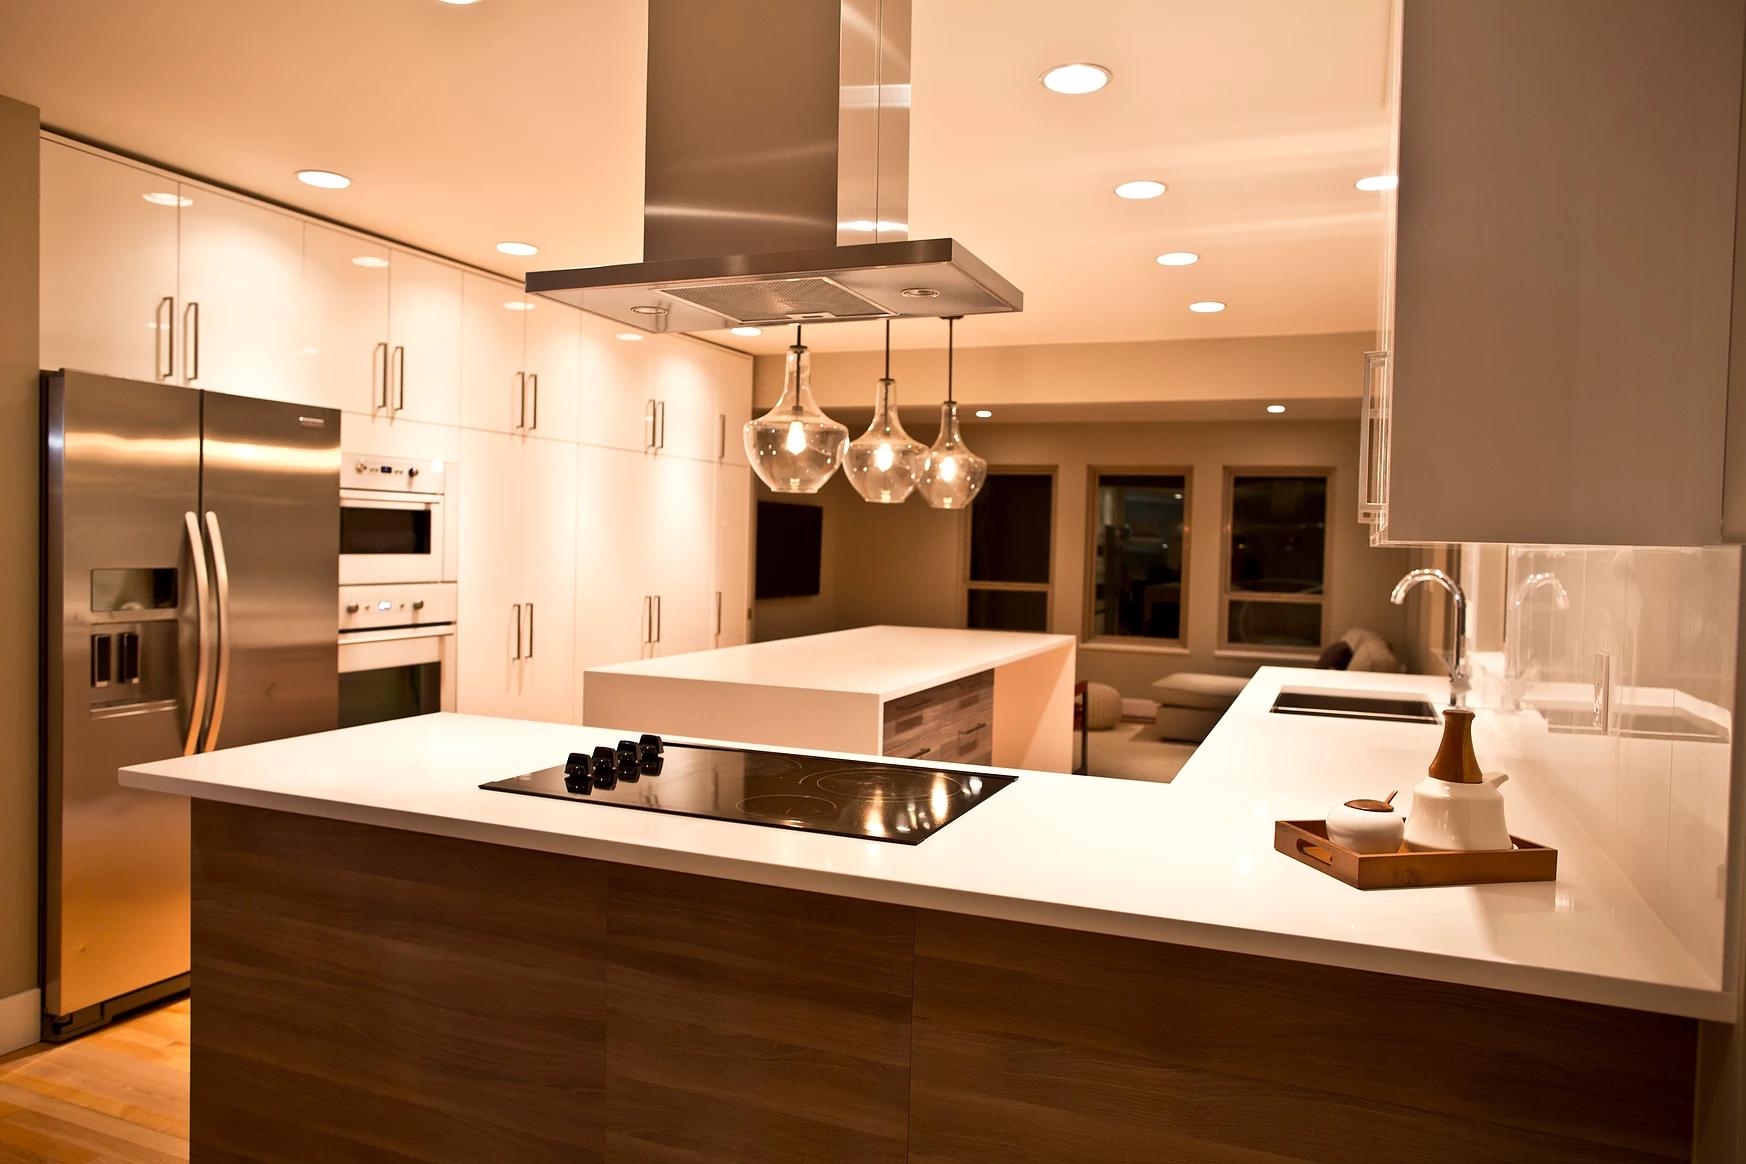 Sunshine Hills Kitchen Renovation